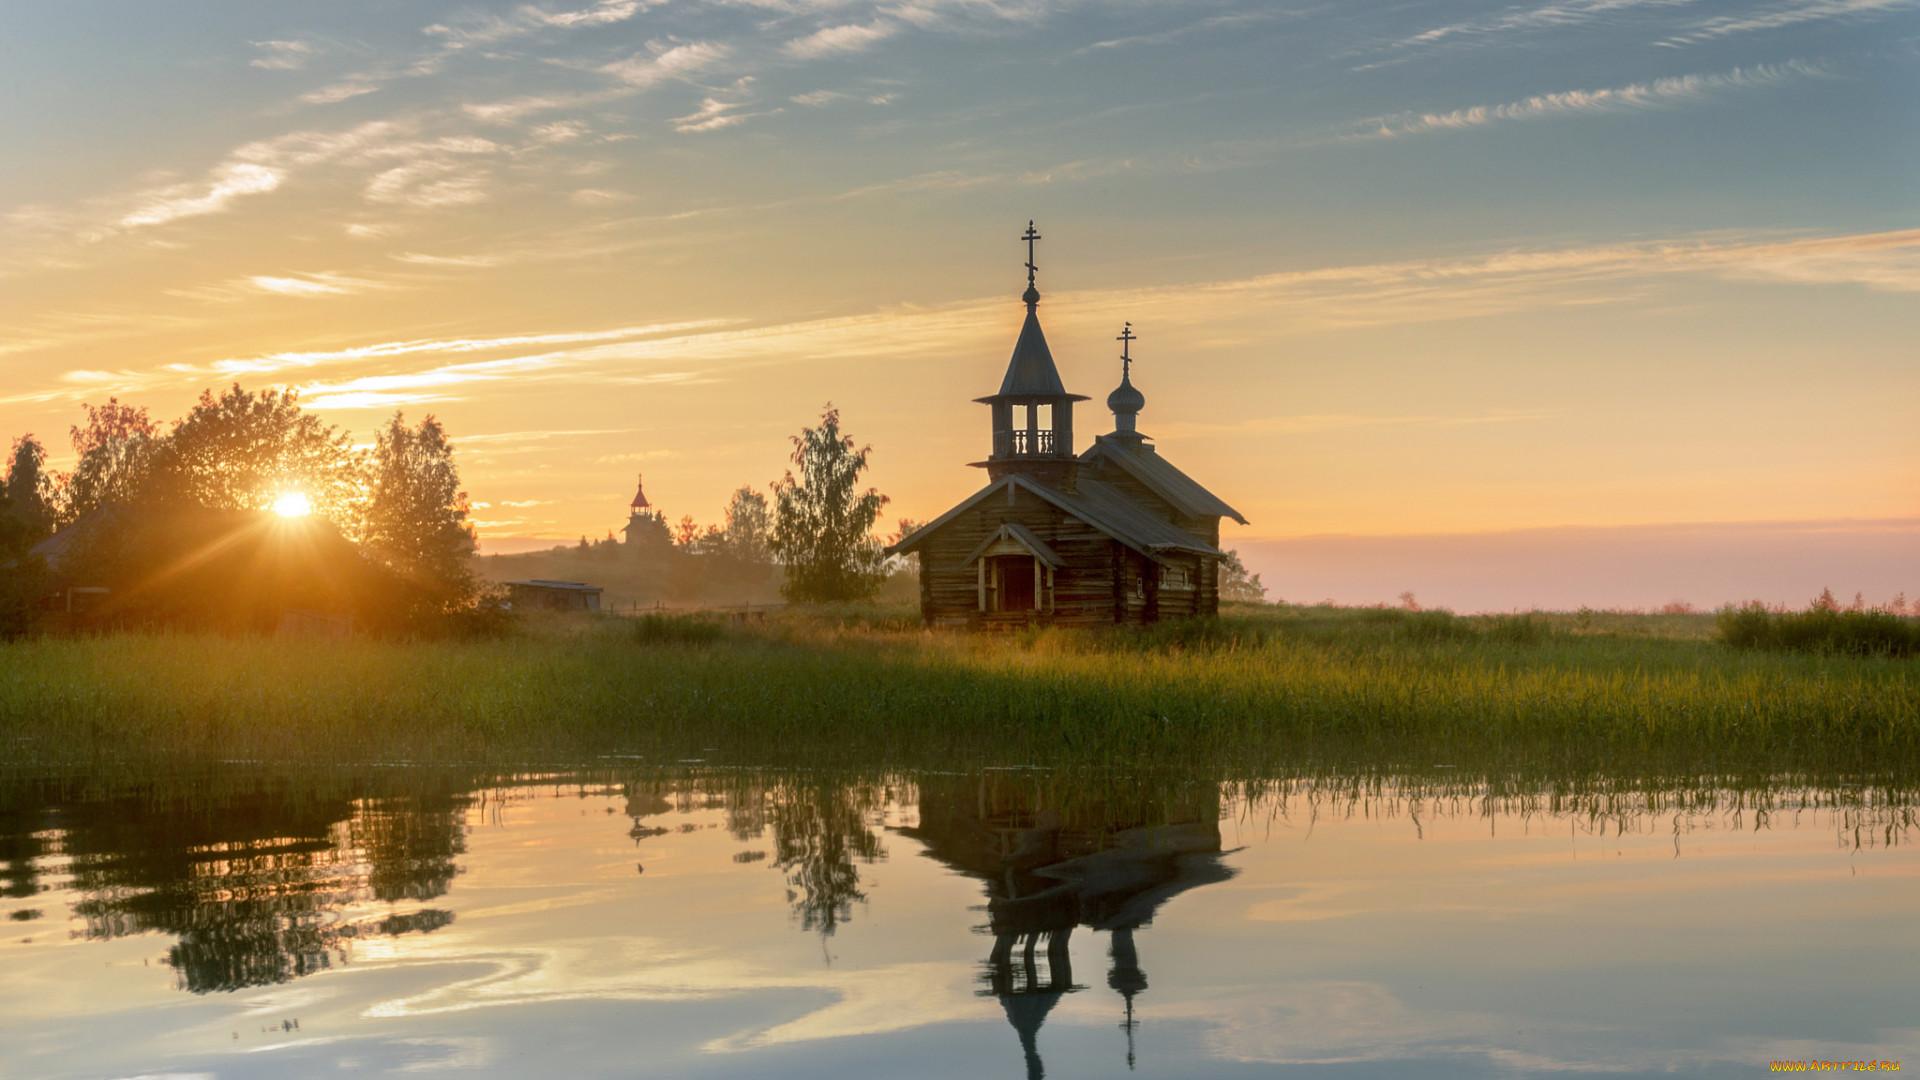 Hd фото русское 66776 фотография